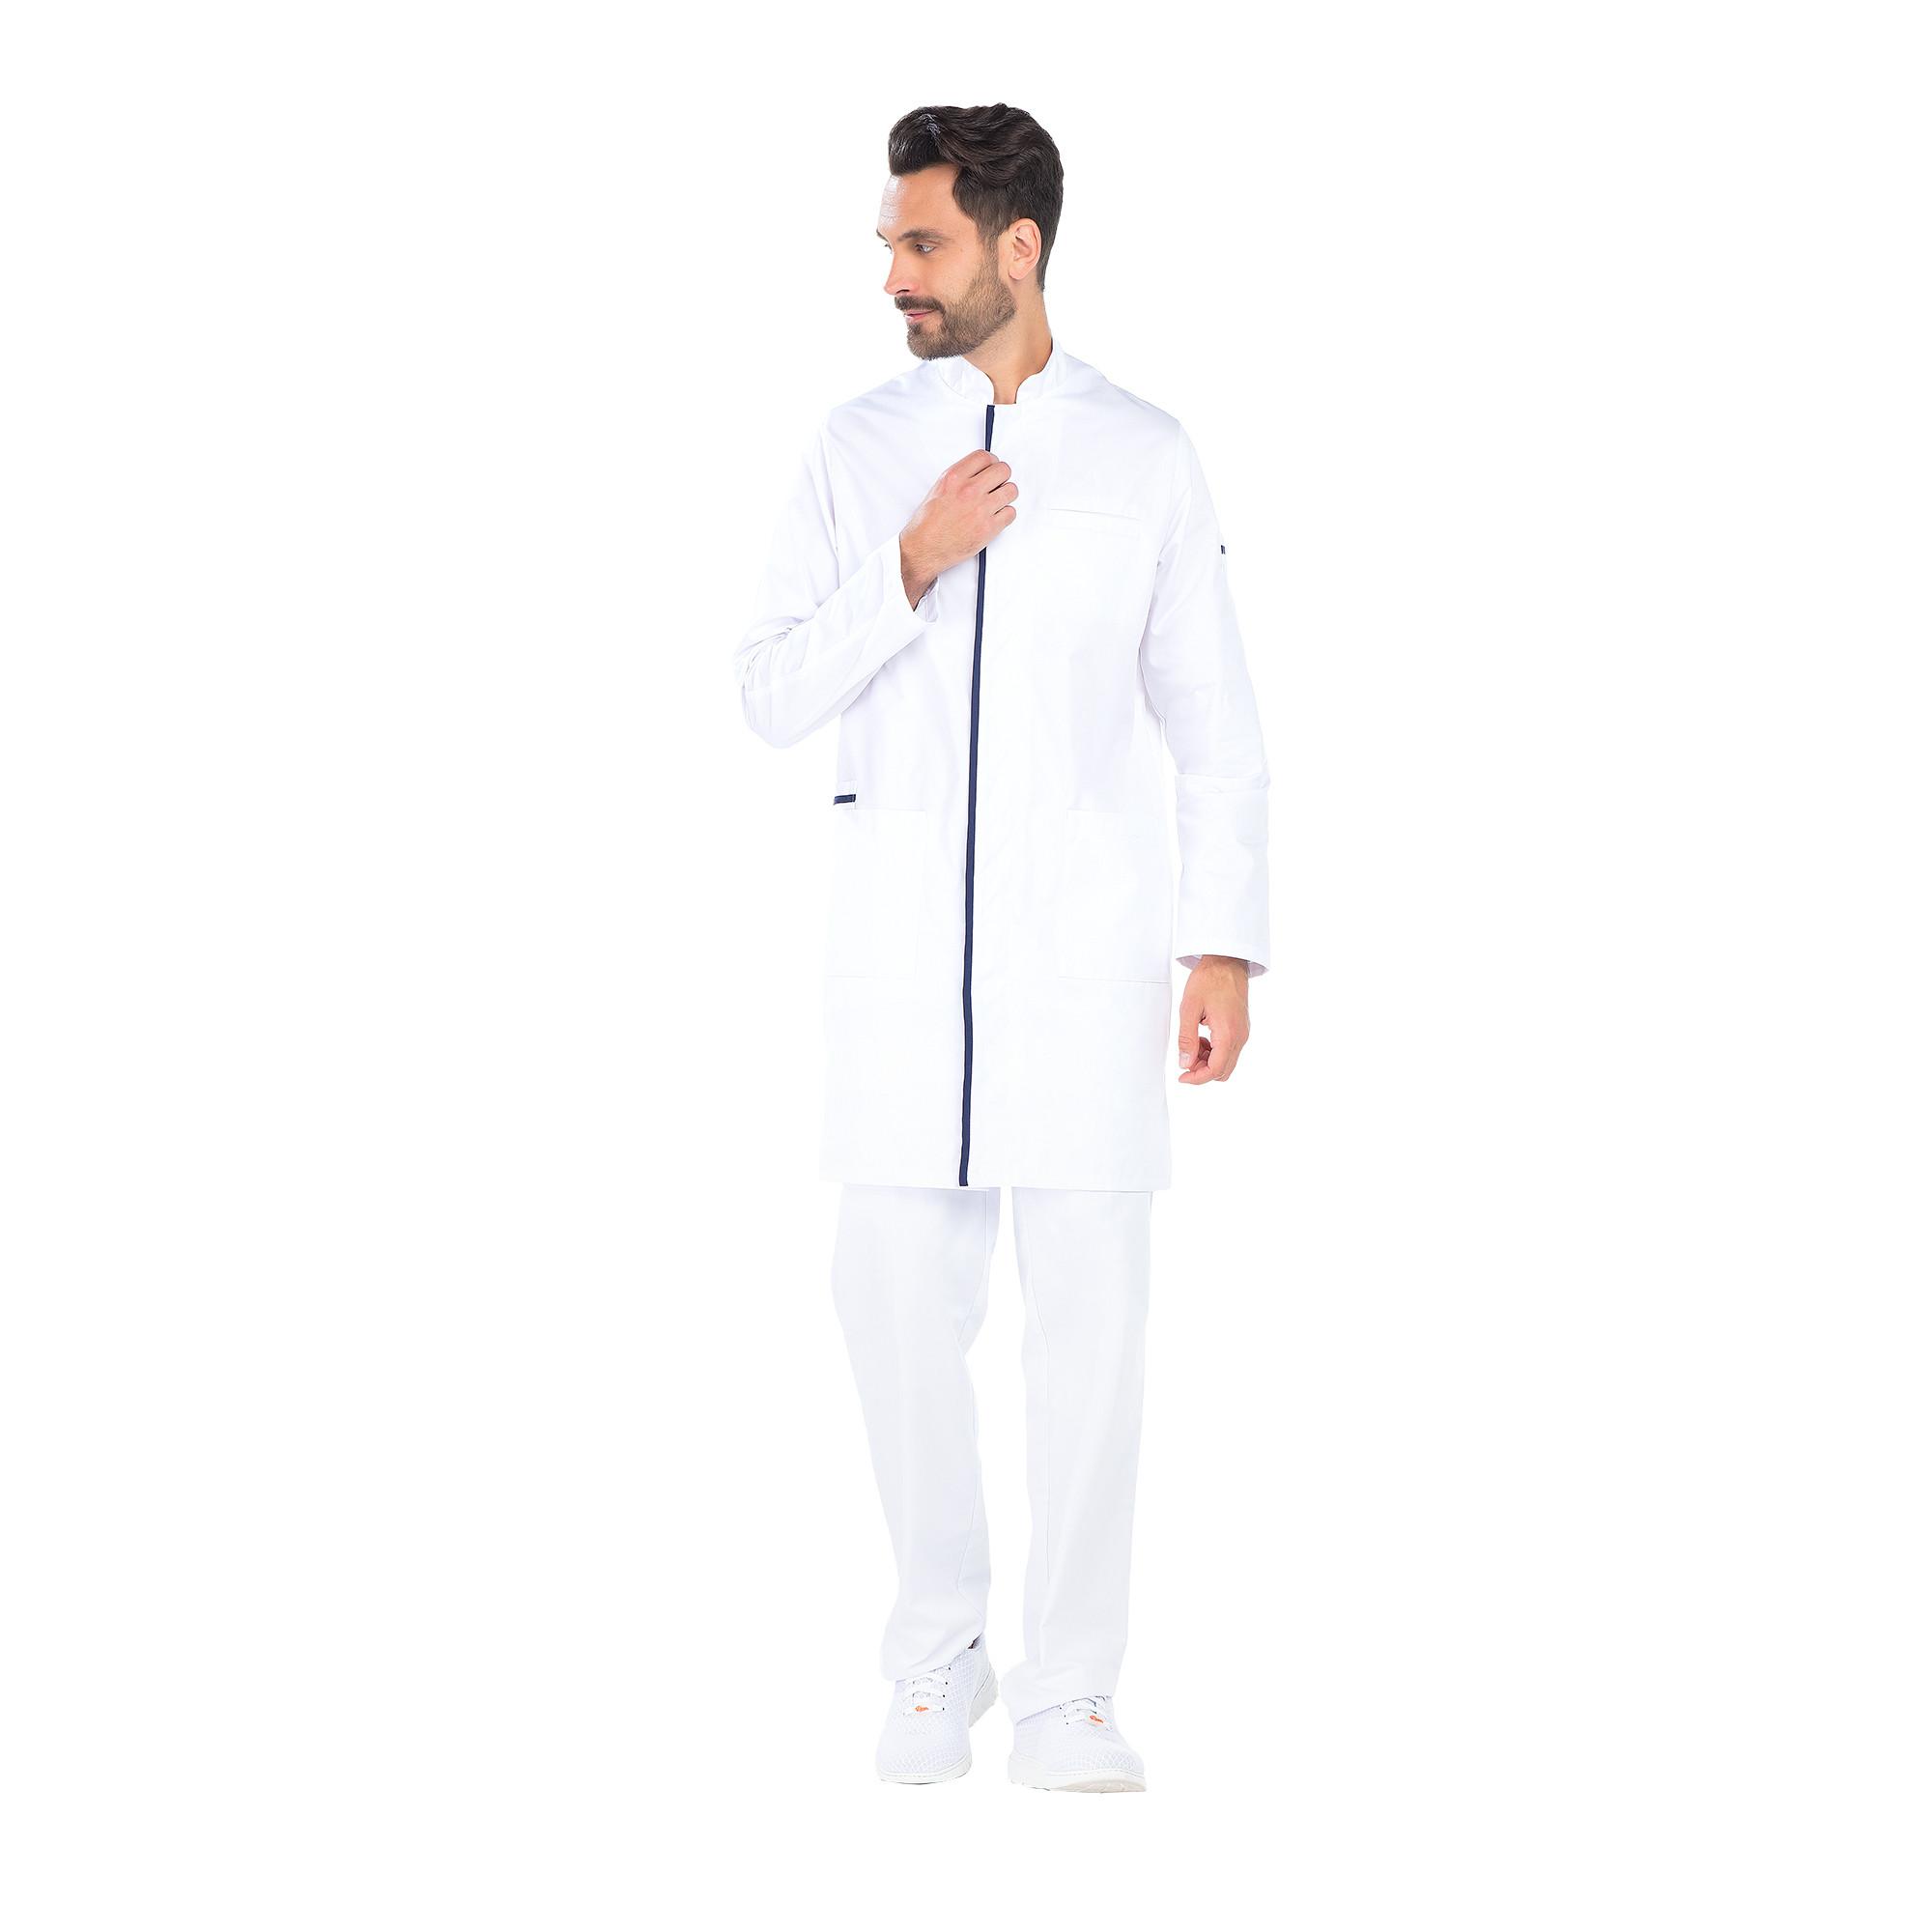 Oscar - Blouse - Manches longues - Homme - 100 cm